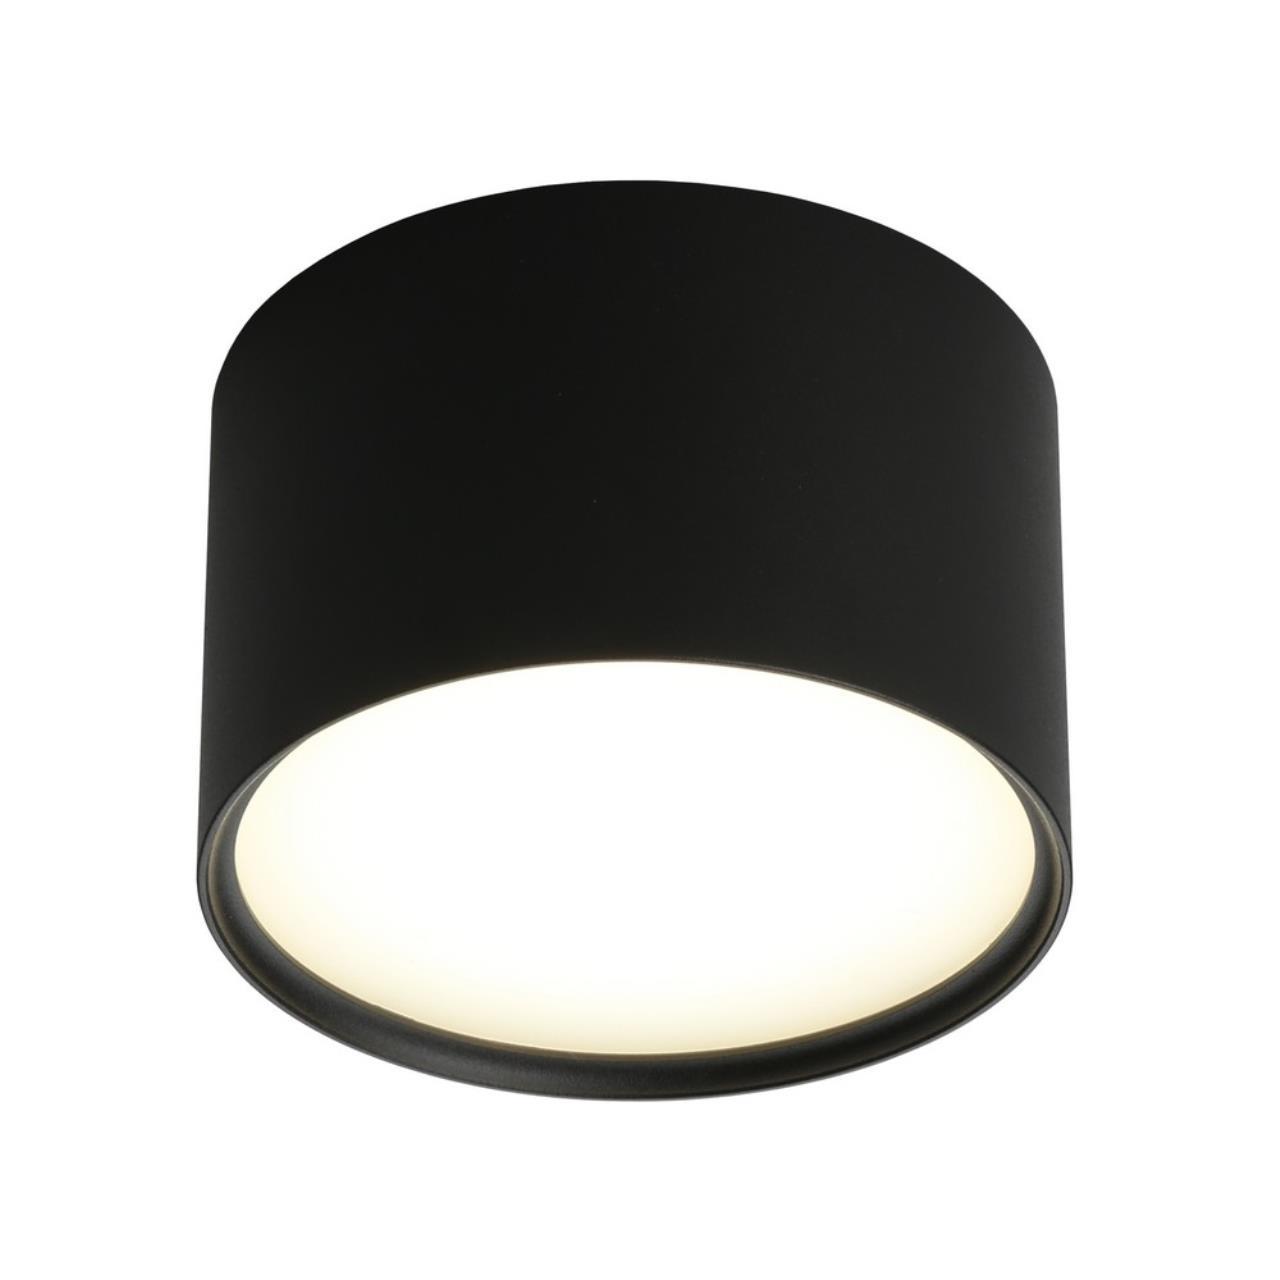 Встраиваемый-накладной светильник Omnilux OML-100919-06